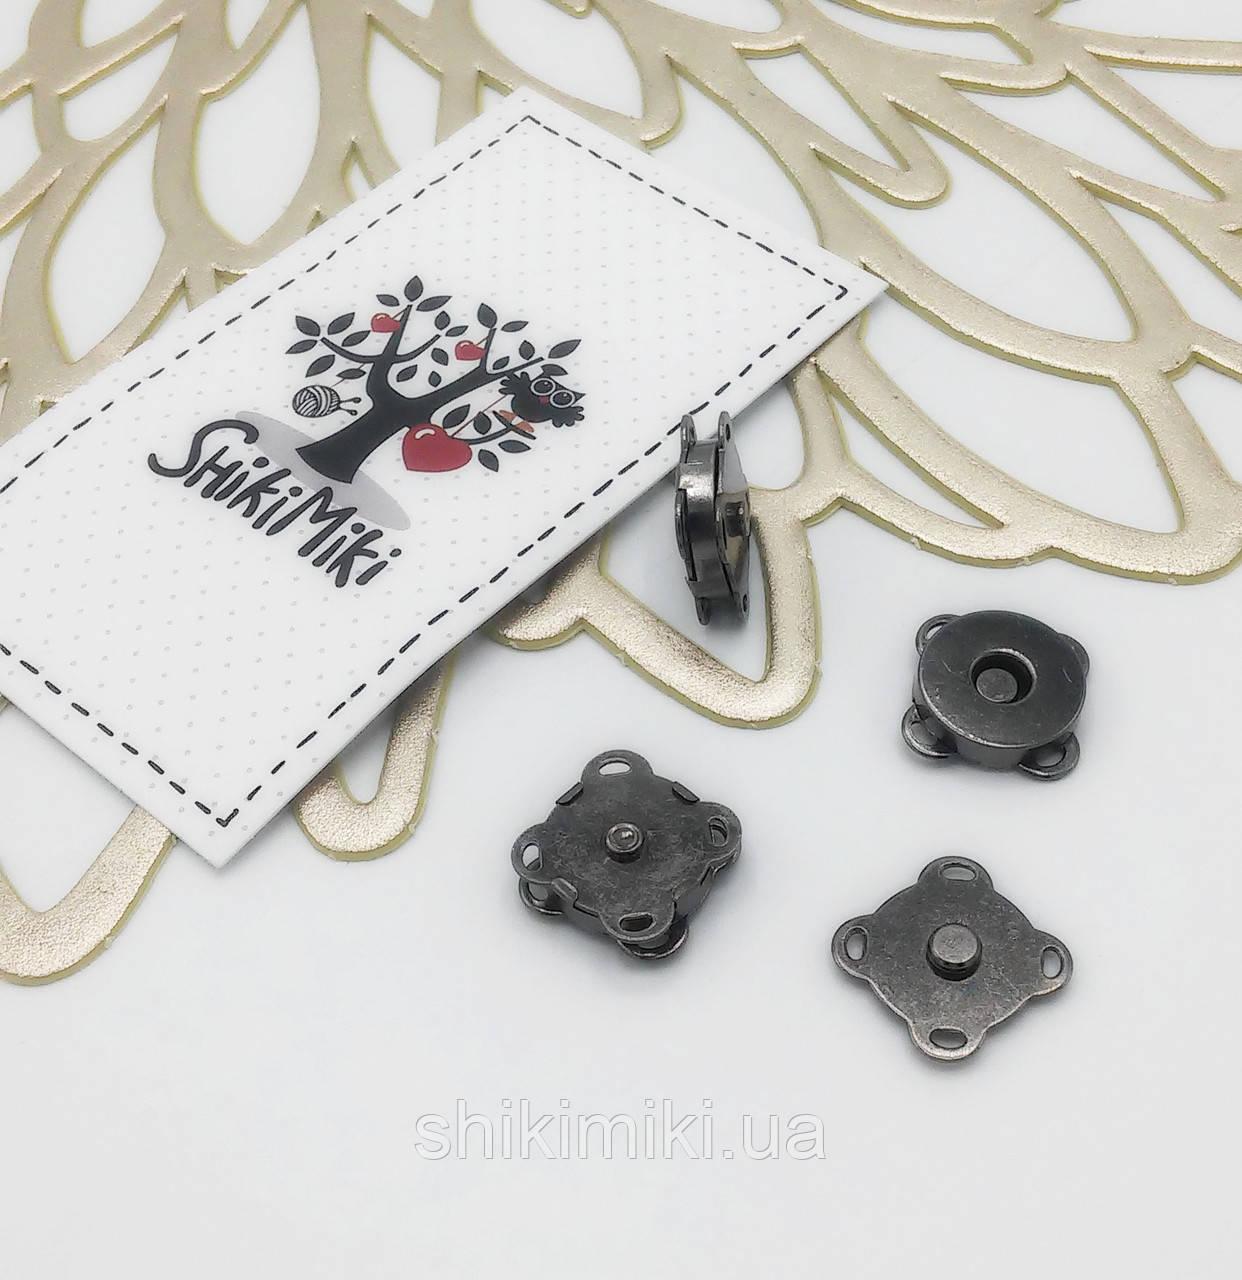 Магнитные кнопки пришивные 14 мм MP02-2, цвет черный никель